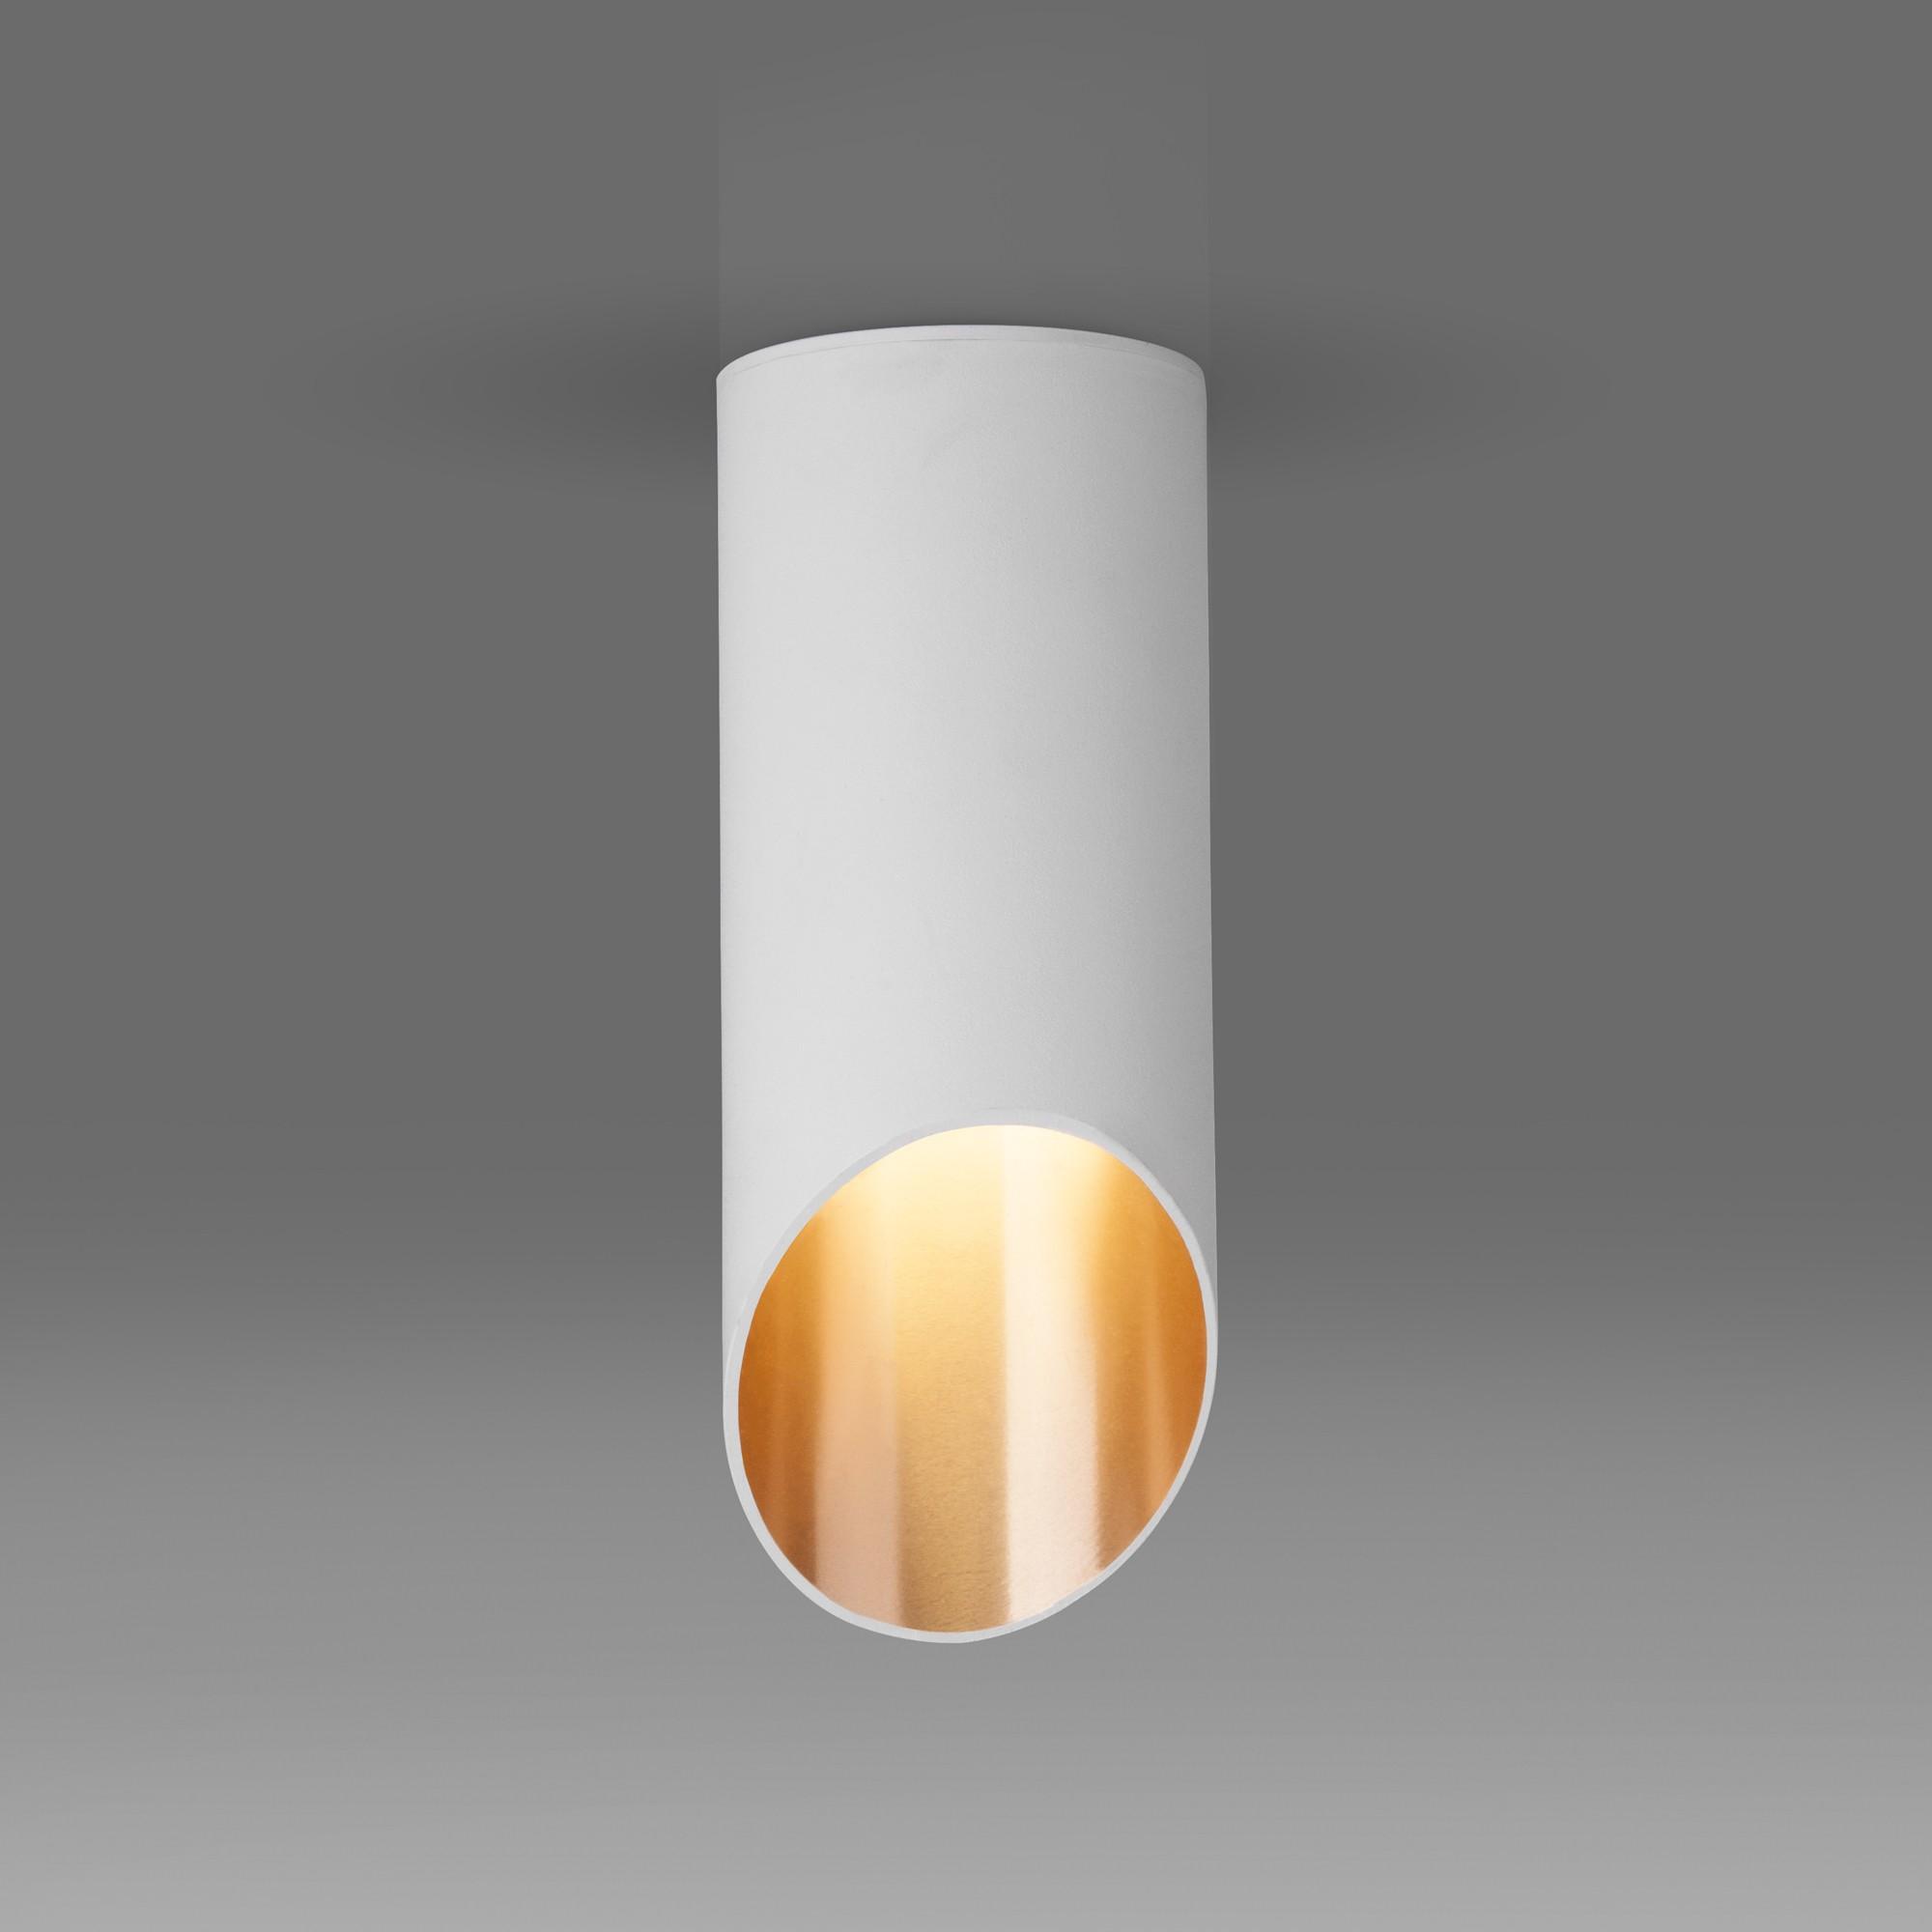 DLN114 GU10 белый/золото